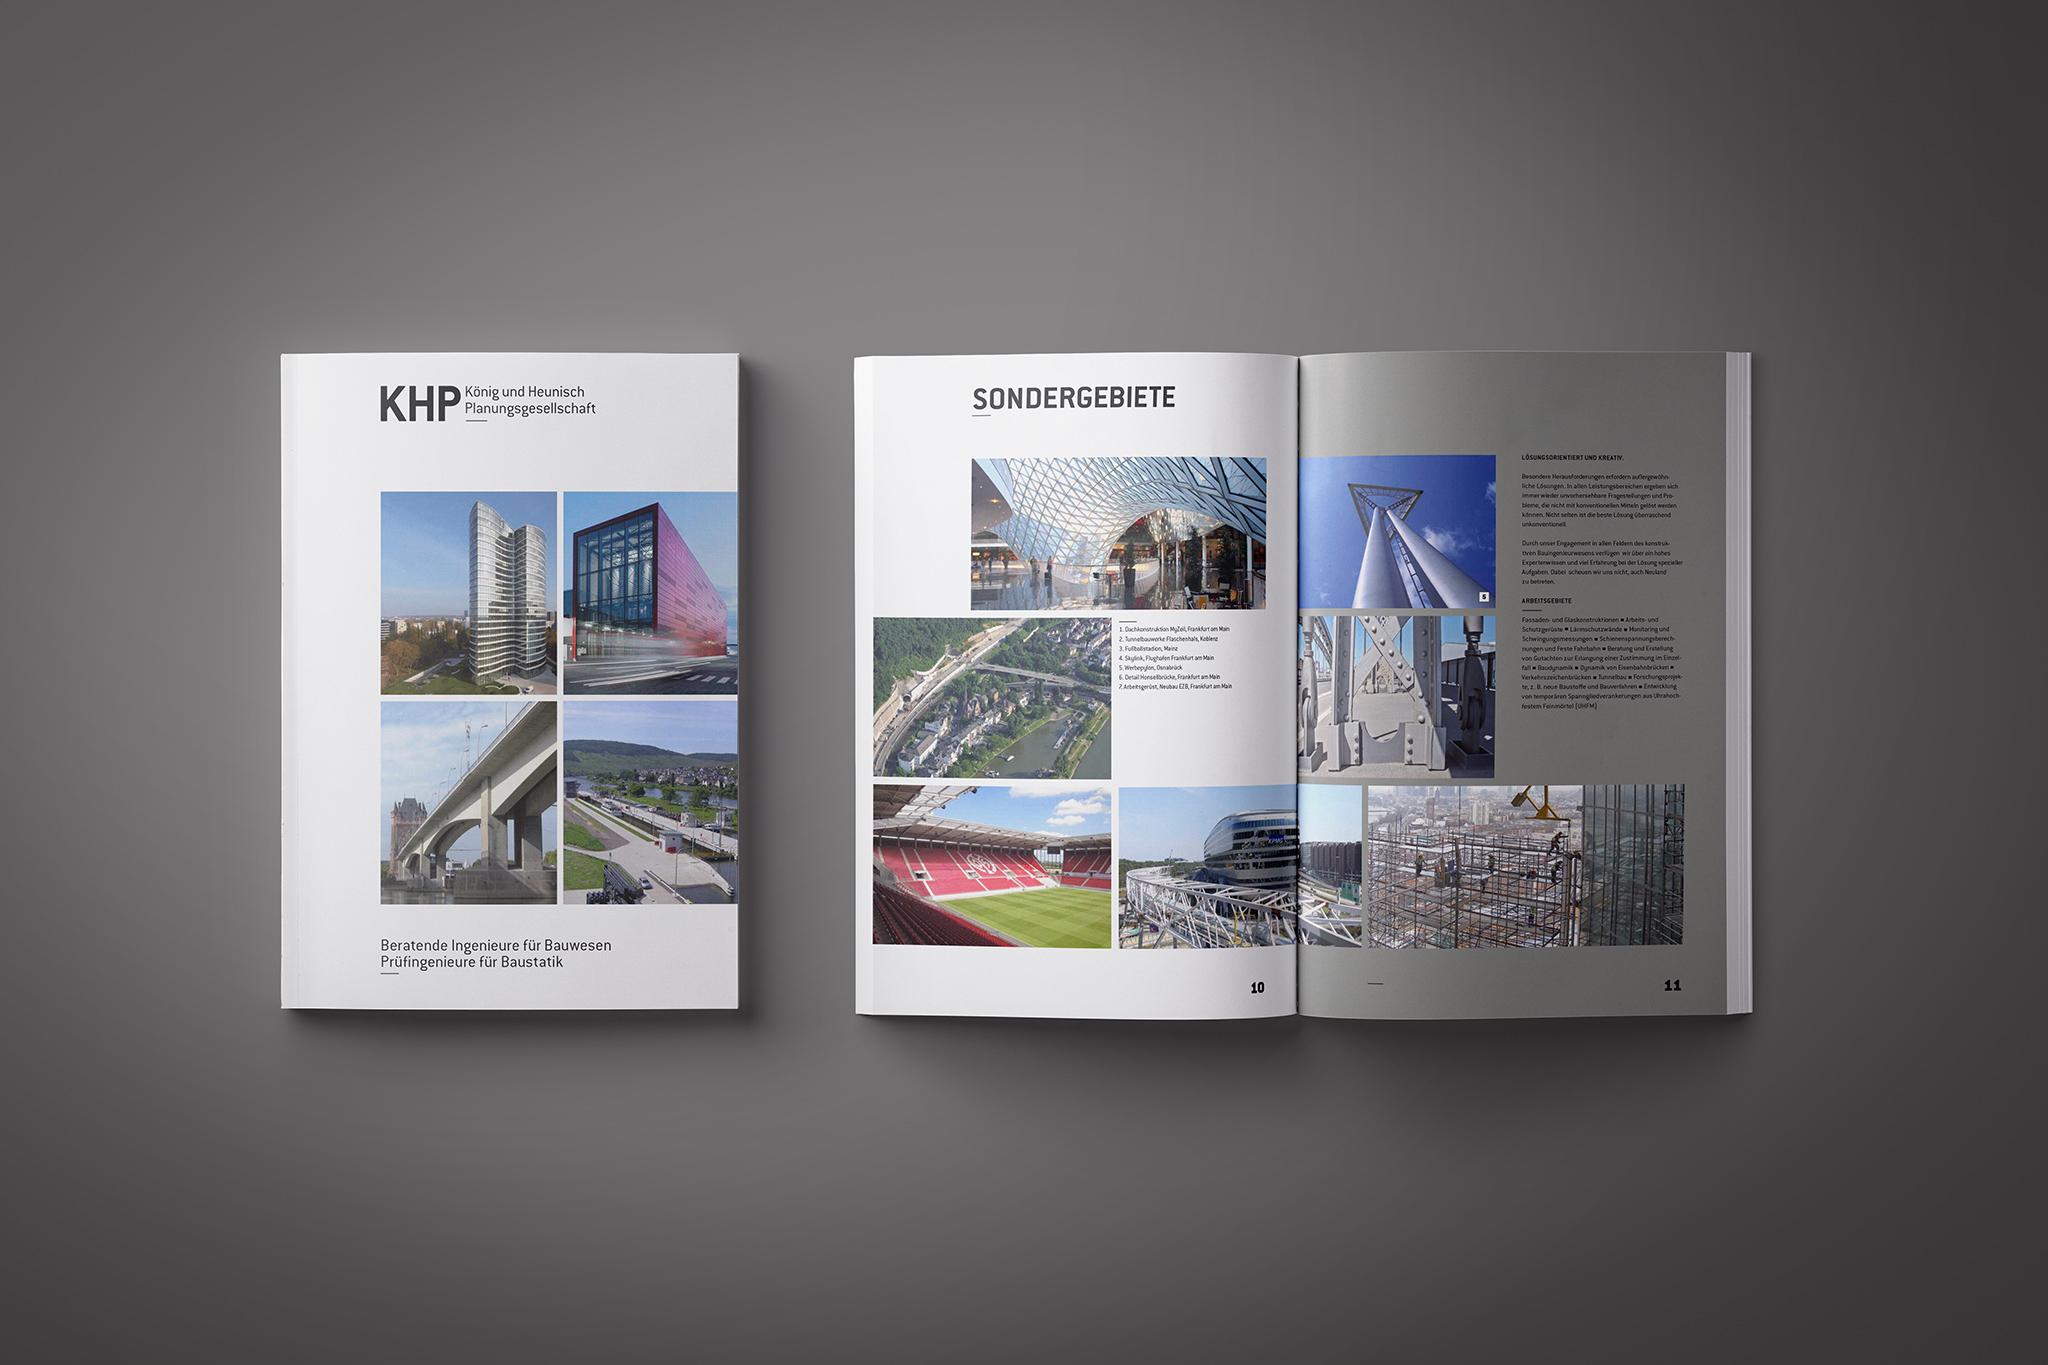 KHP Ingenieurbüro, Selbstdarstellung (2019) | Design: Johannes Willwacher (für OPAK)